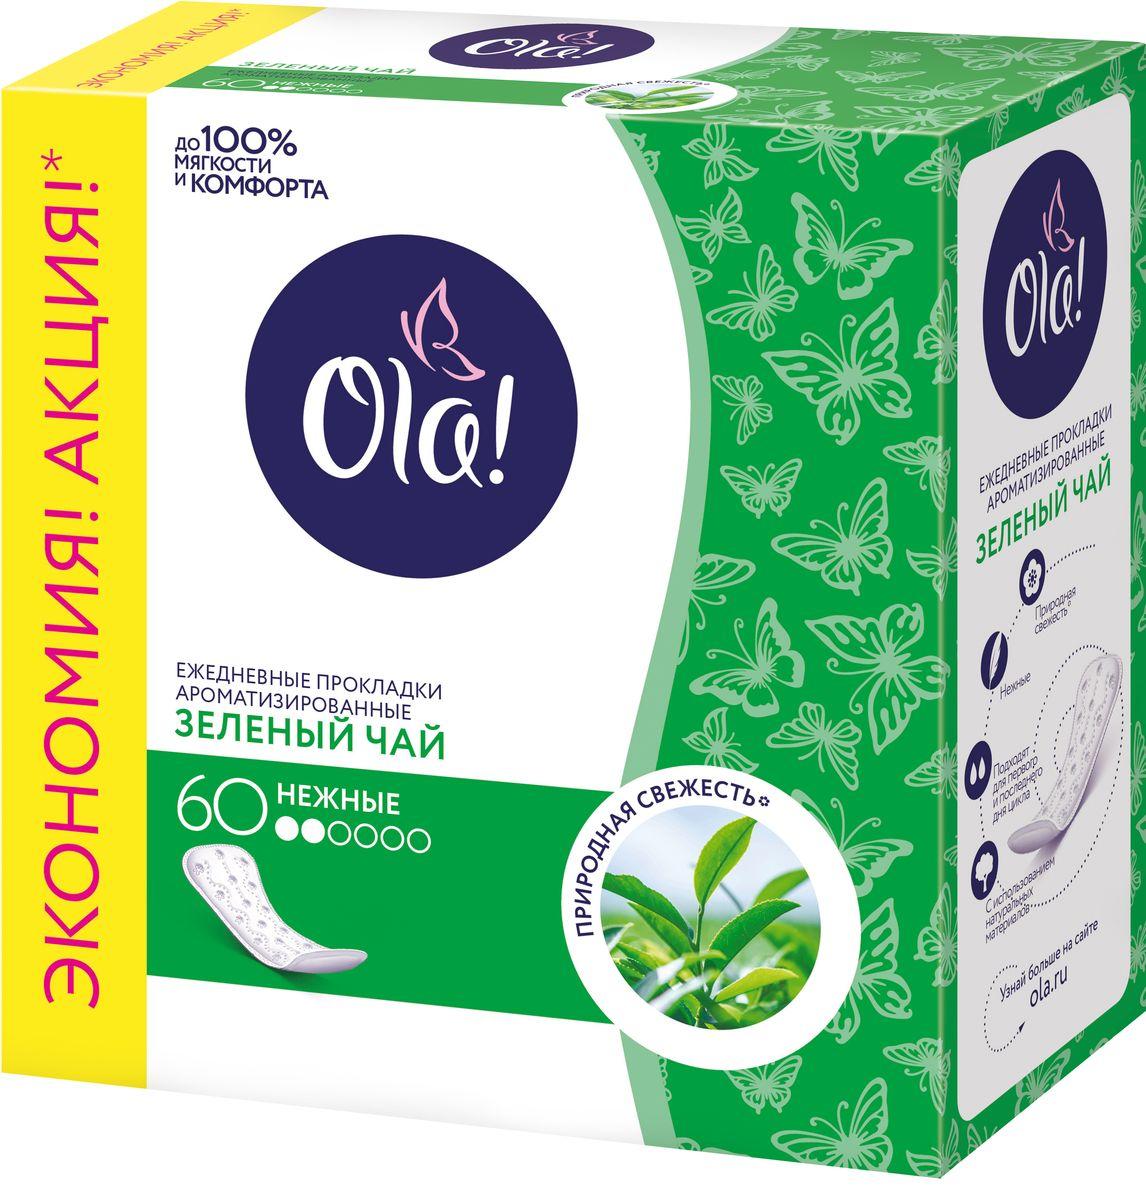 Ola! Daily DEO (Зеленый чай) Прокладки, 60 шт20953OLA! DAILY DEO ПРОКЛАДКИ ЕЖЕДНЕВНЫЕ Зеленый чайСозданы из натурального материала - 100% целлюлозы; Лучший показатель по объему впитываемой жидкости.x Анатомическая форма; Мягкость; С нежным ароматом зеленого чая.xЭто дает возможность использовать Daily при необильных выделениях в критические дни; Упаковка 60 шт.